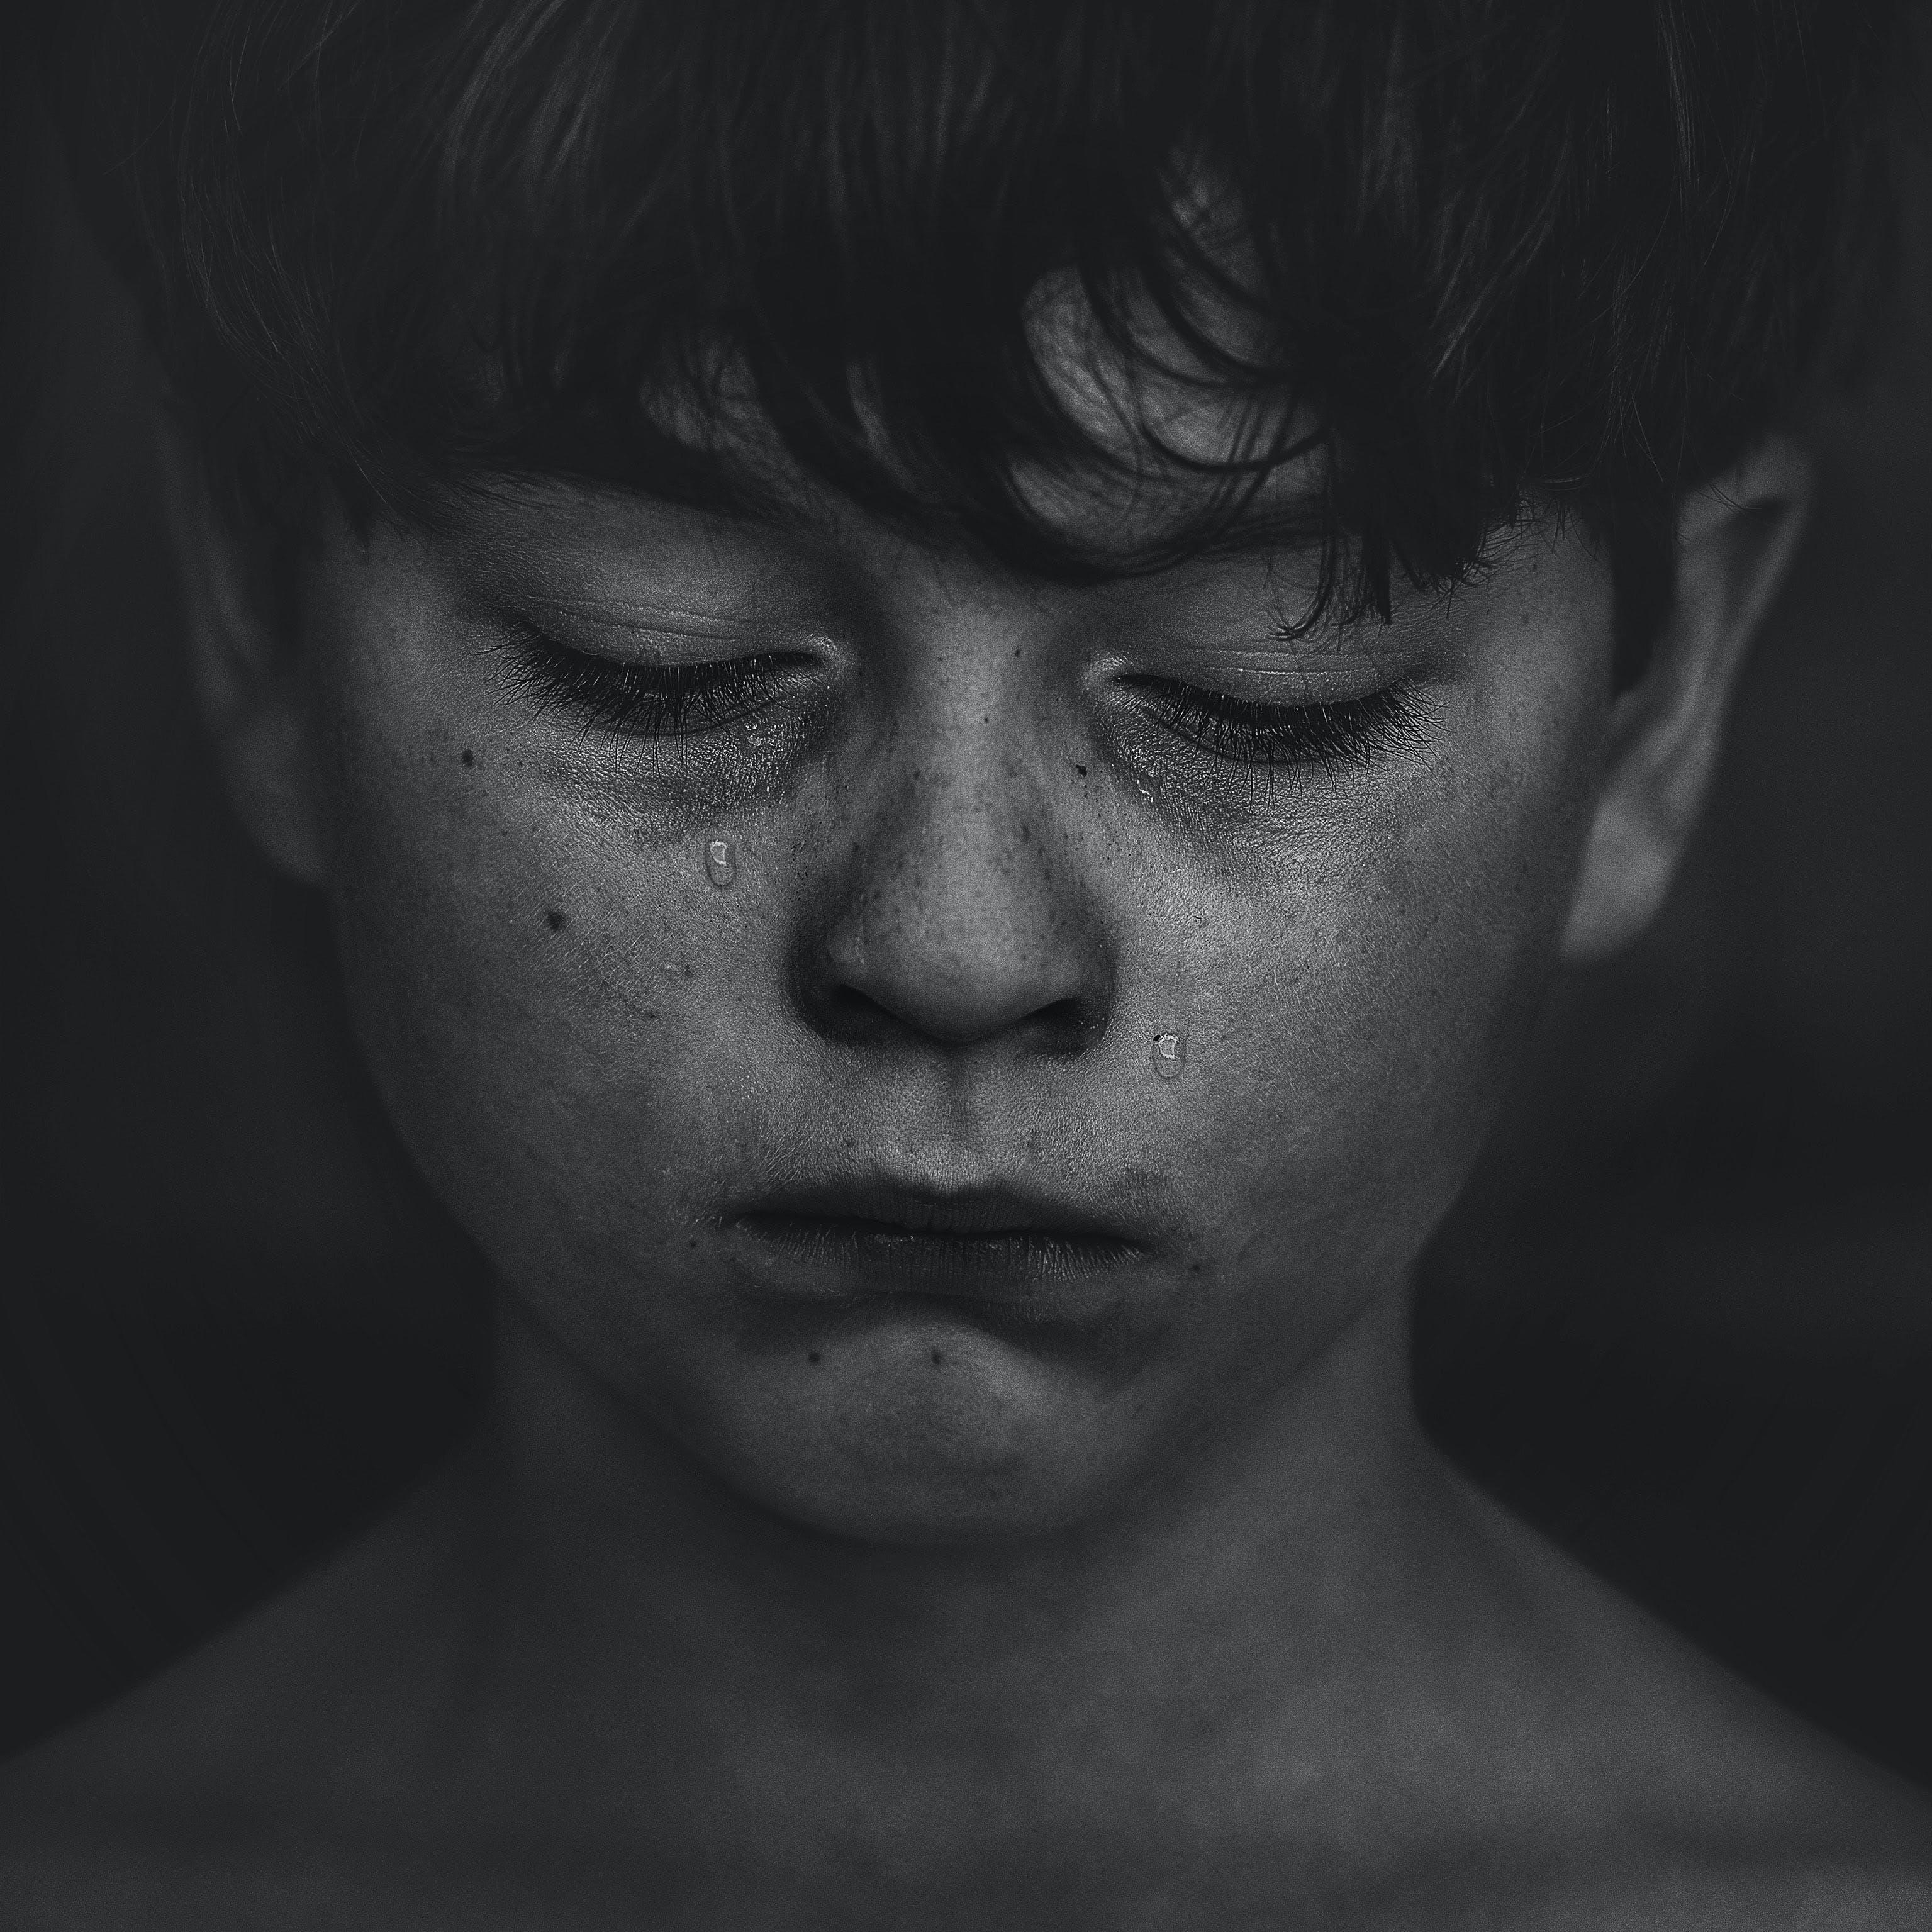 Children Develop PTSD When They 'Overthink' Their Trauma